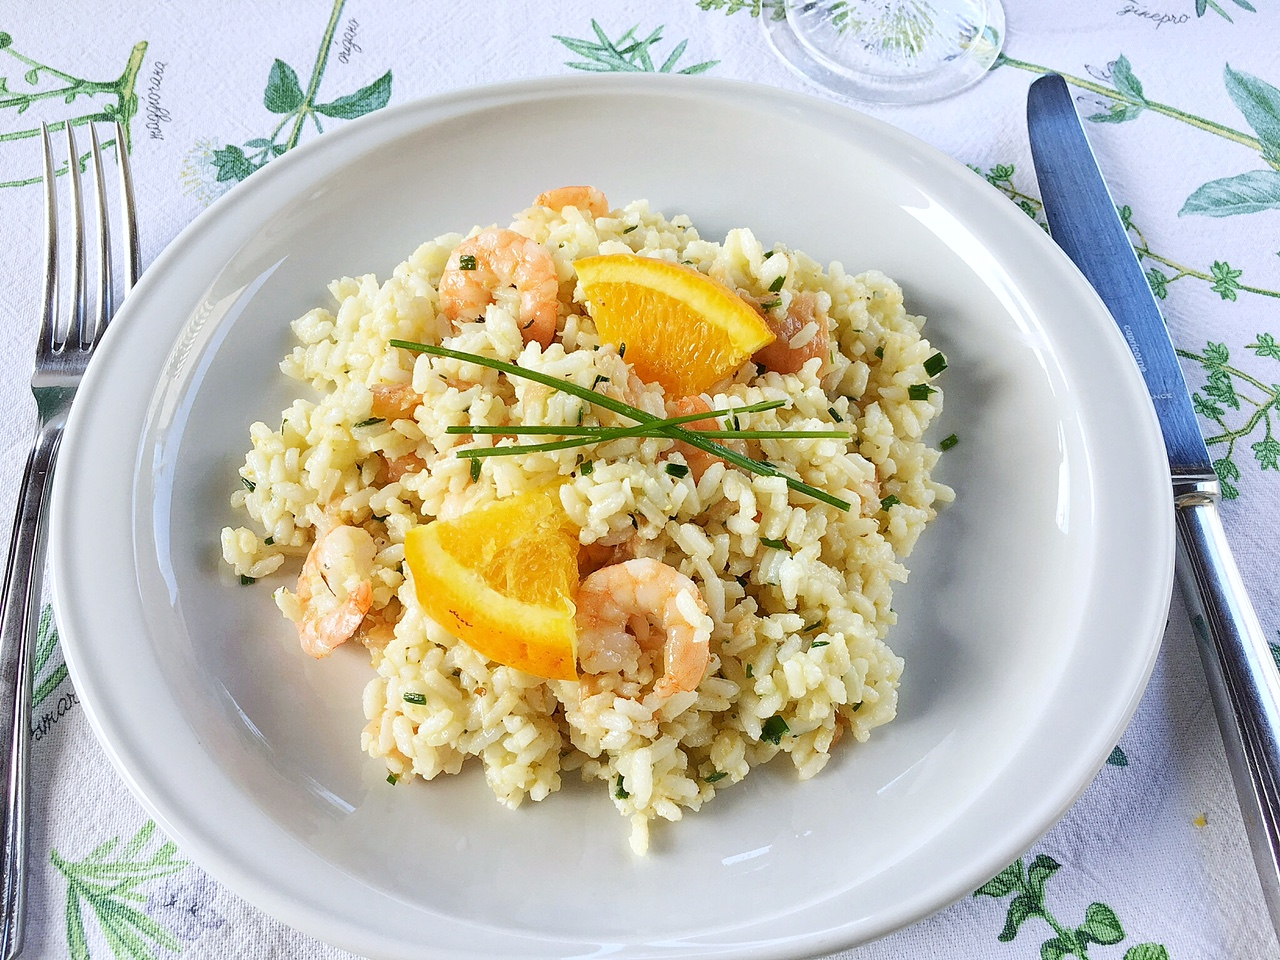 da provare, insalata di riso agli agrumi in piatto bianco